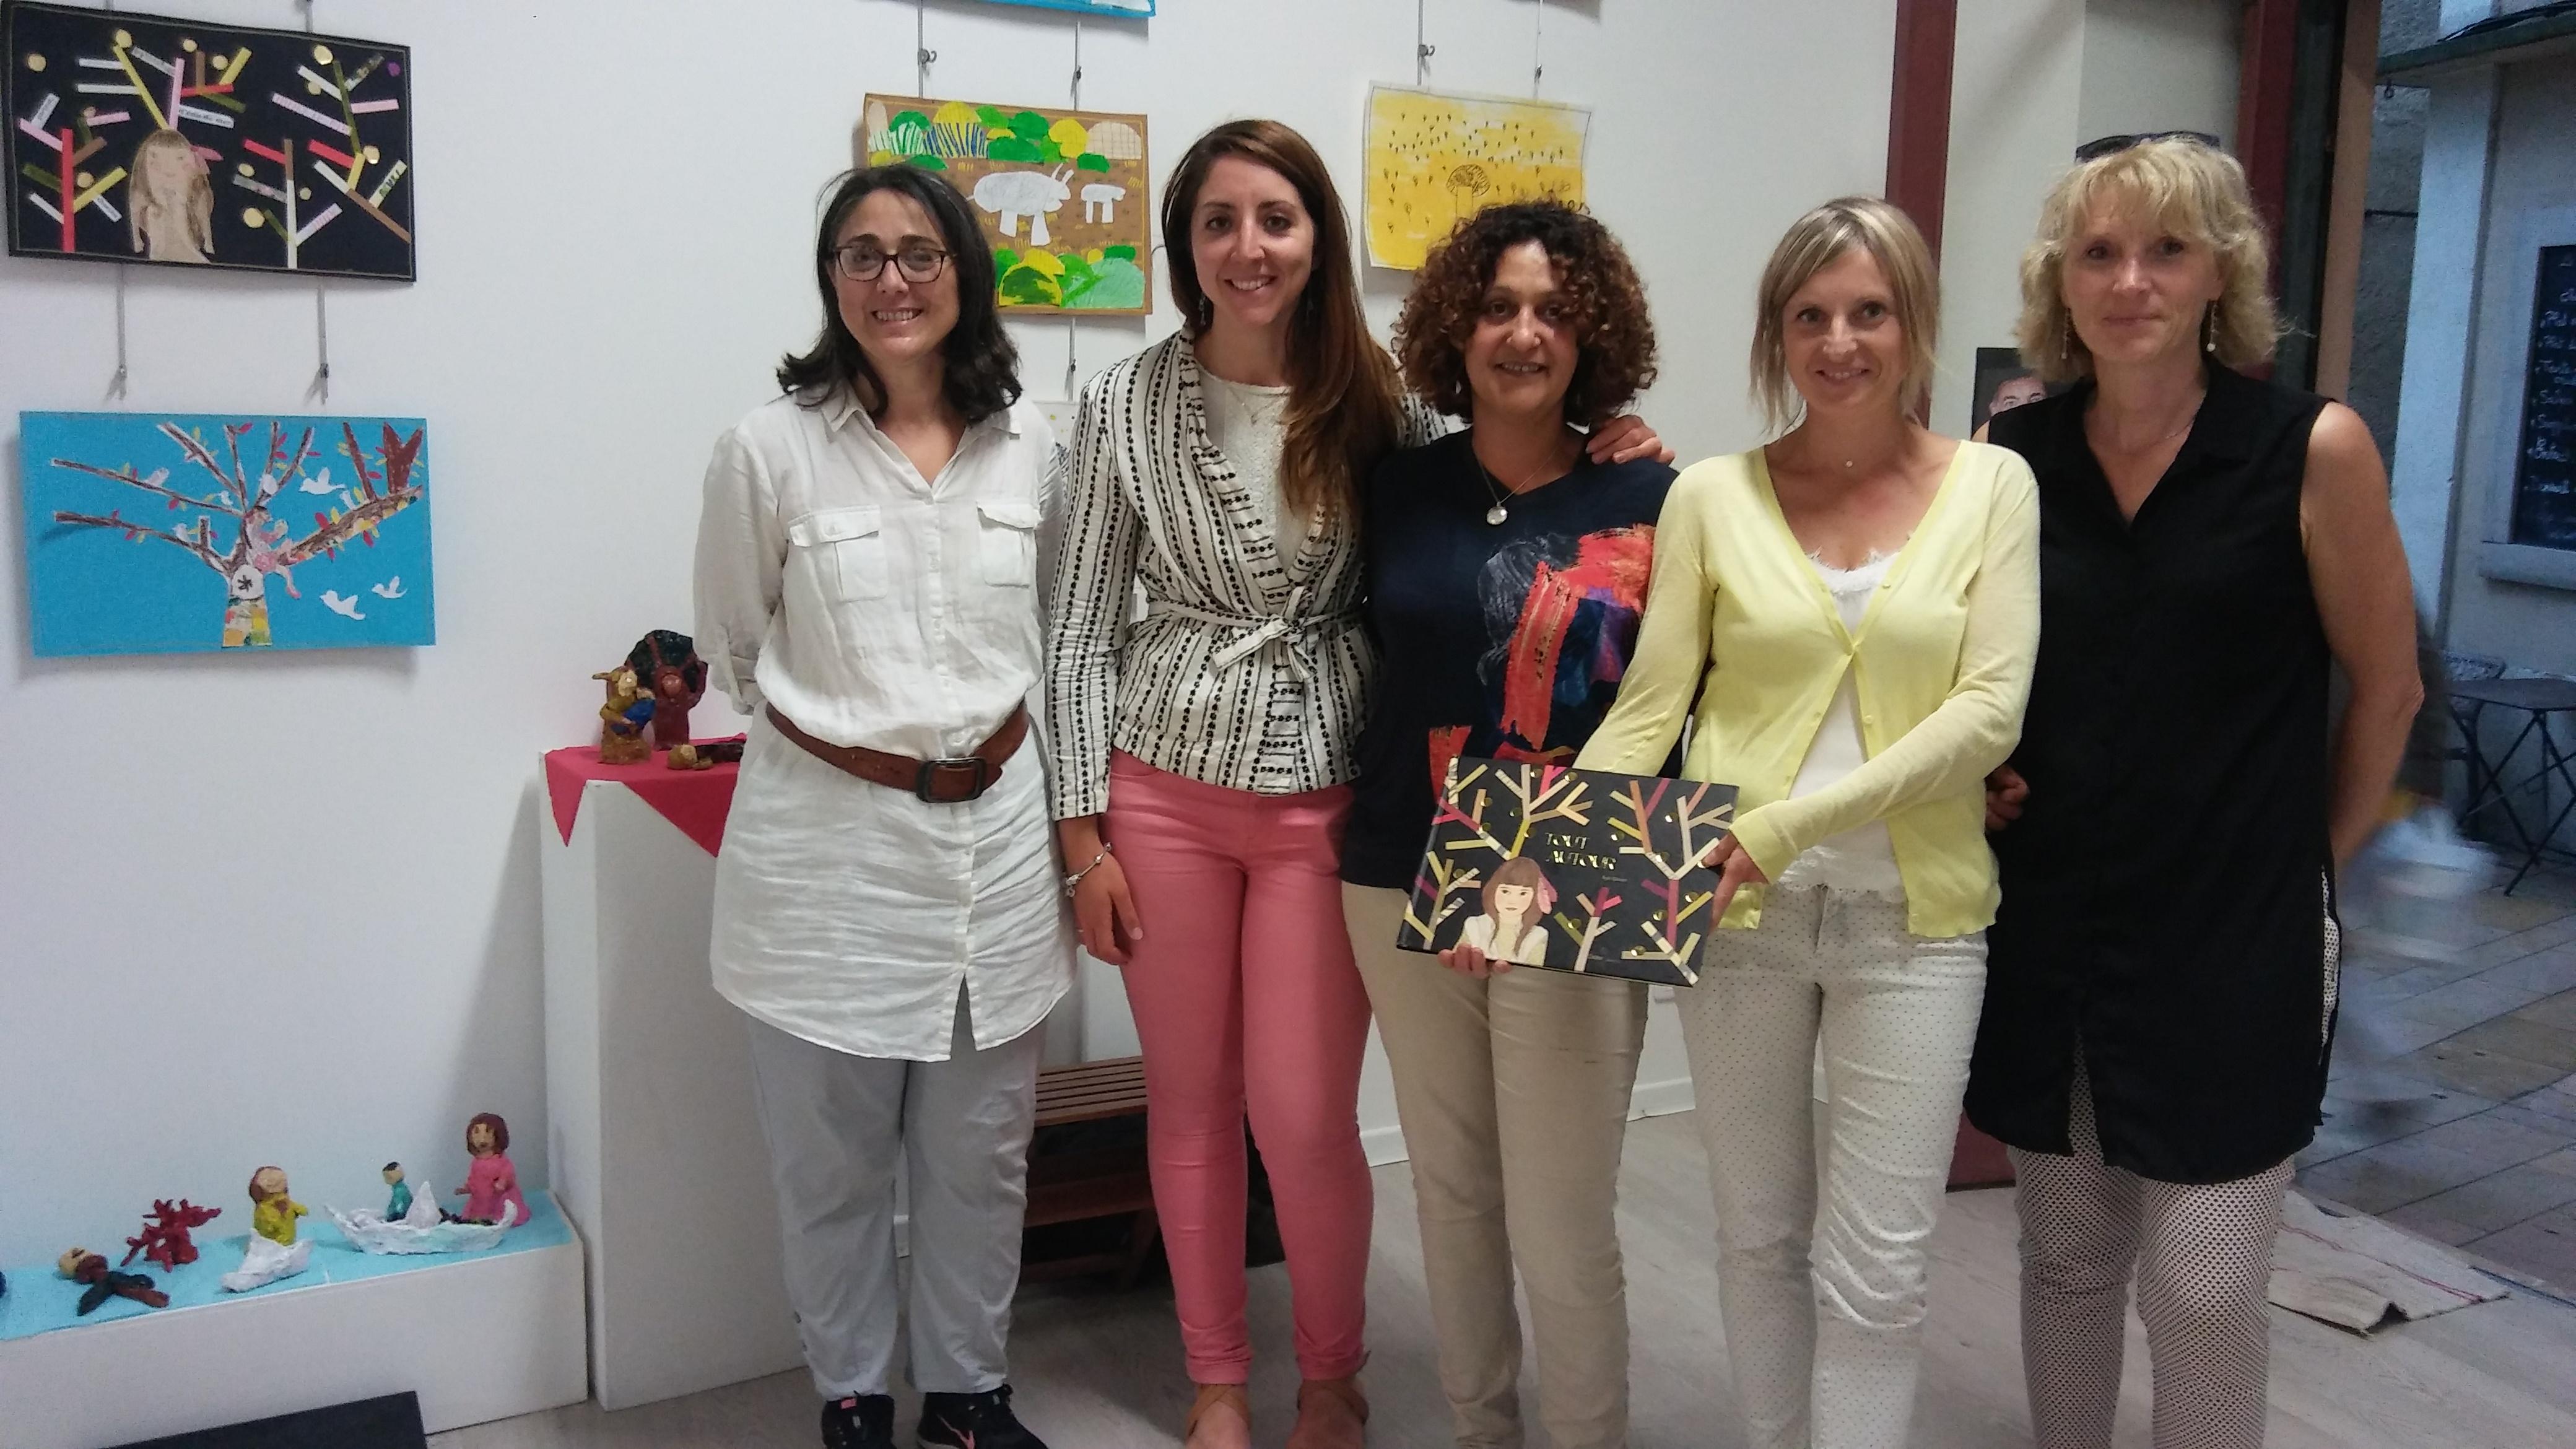 Des jeunes artistes exposent à la galerie Plastik'Art